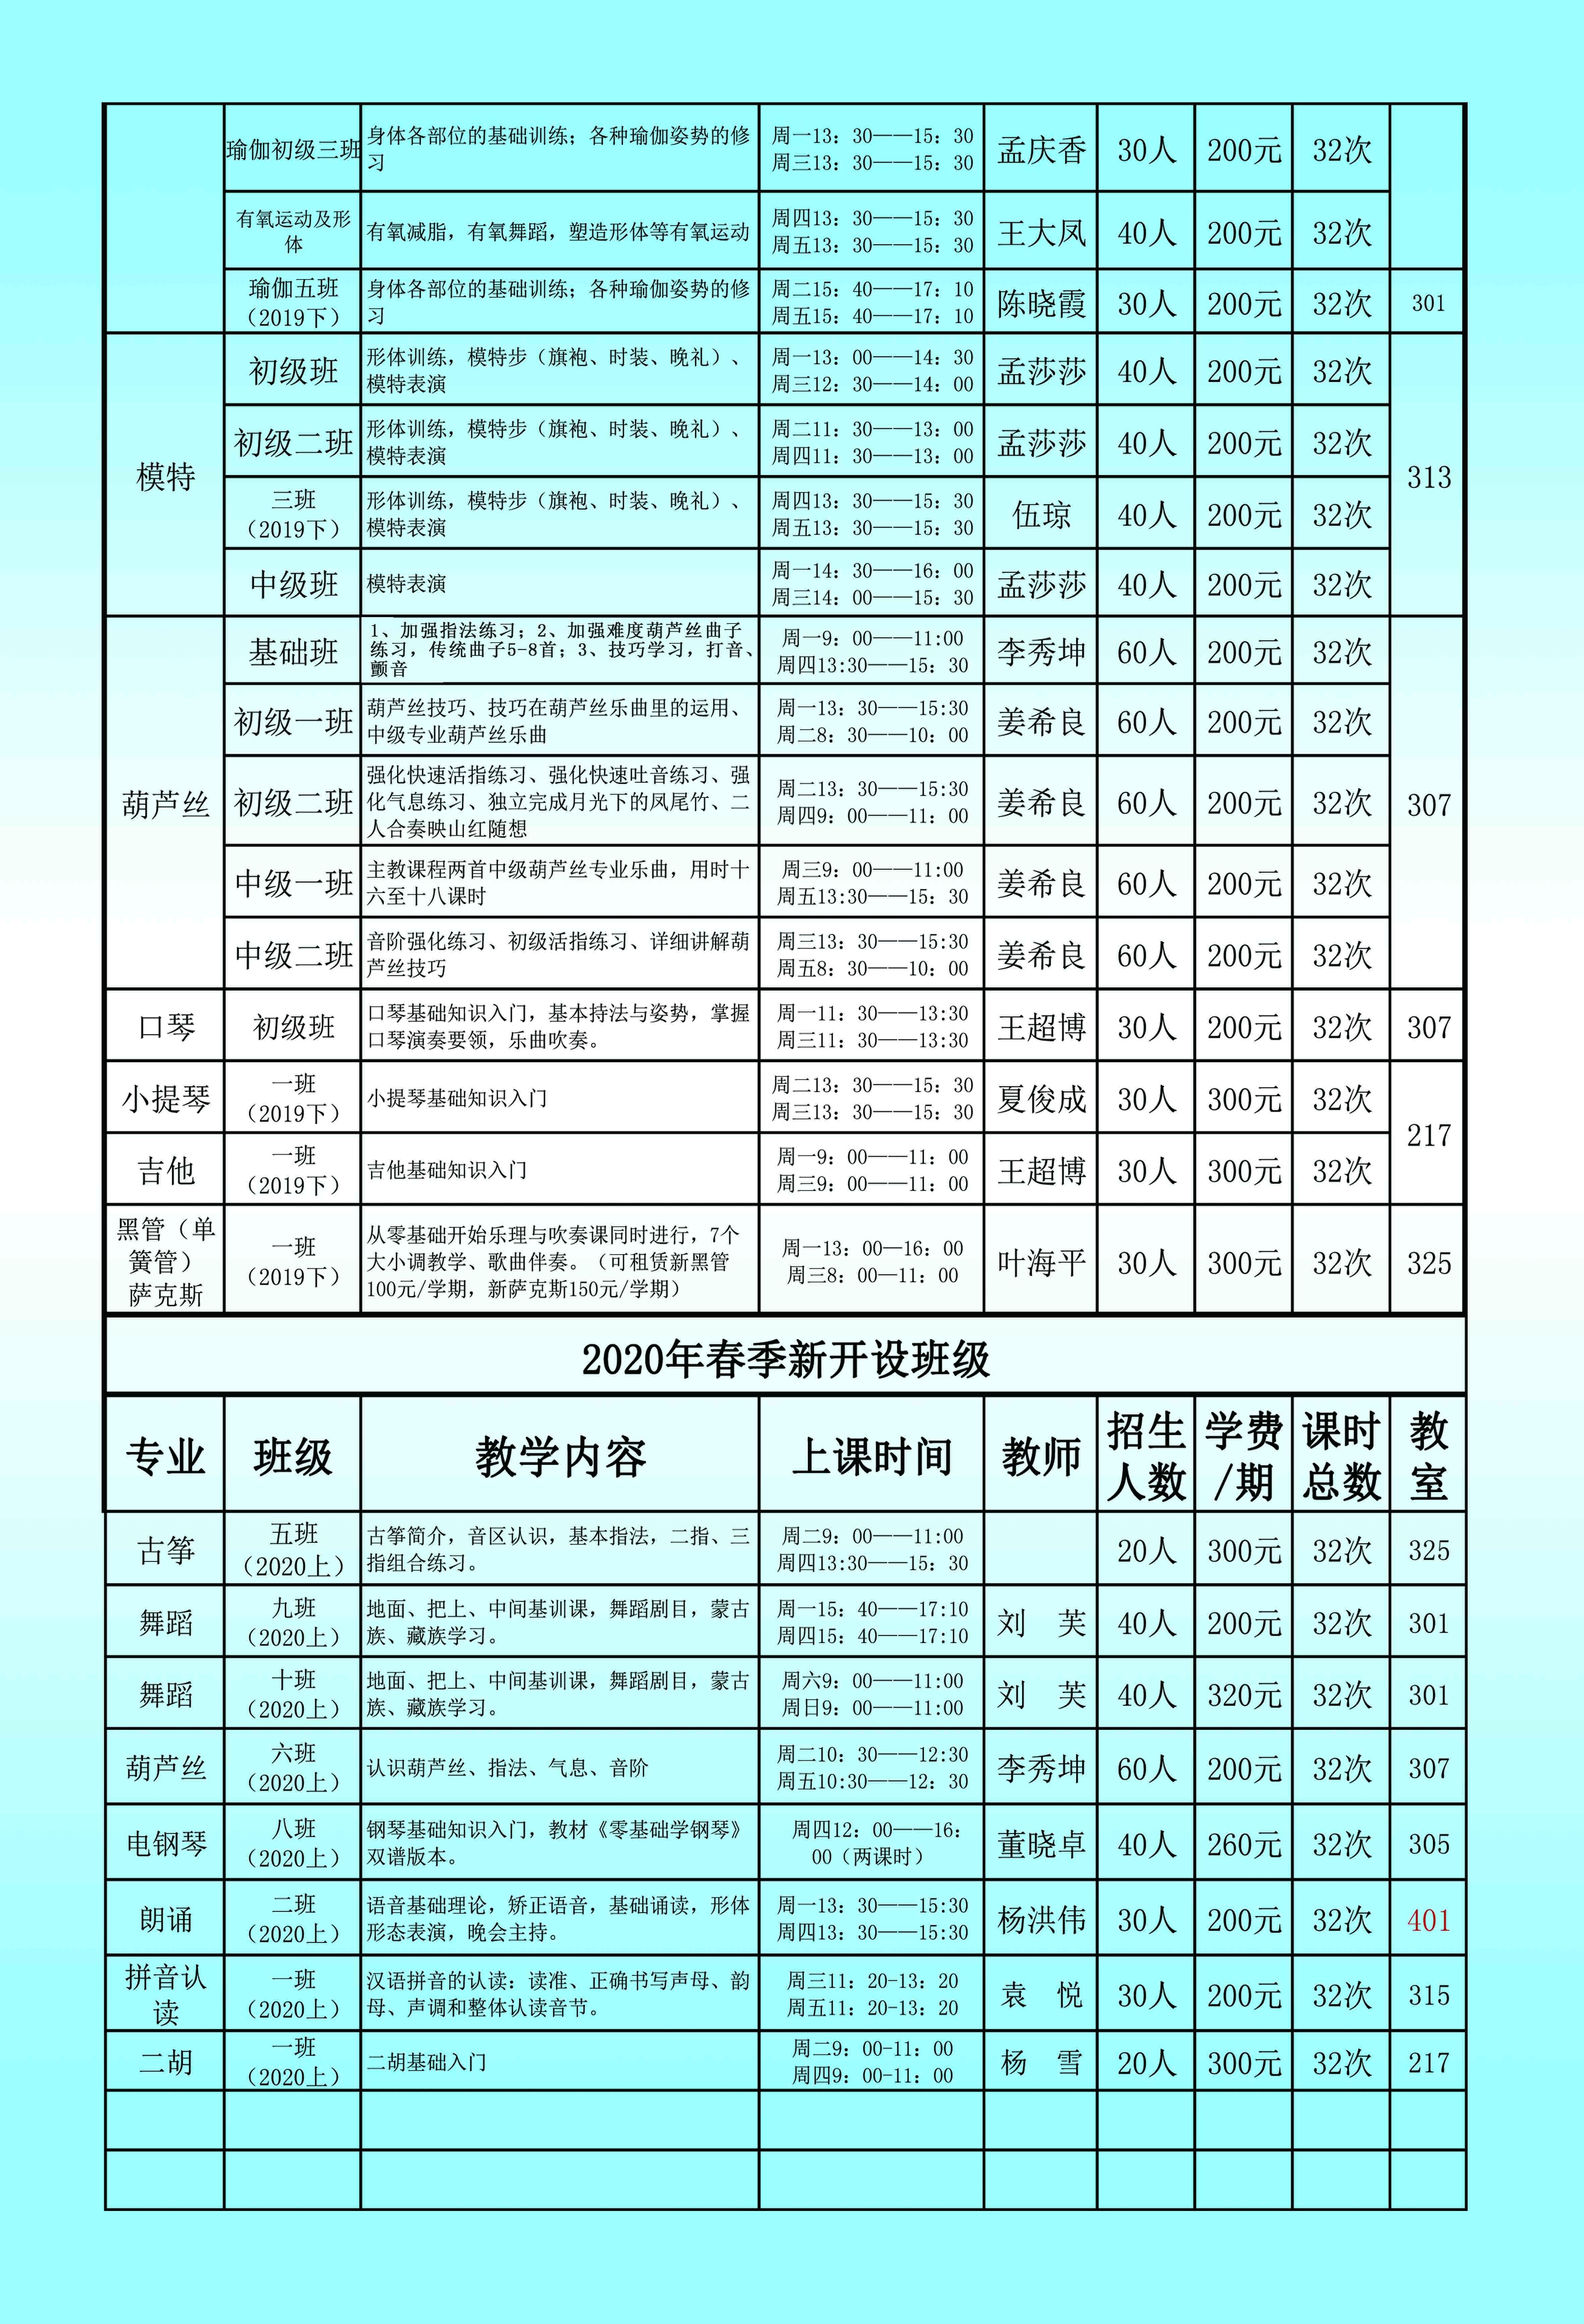 老年大学画展简报-微信图【sheet】_20200101103743